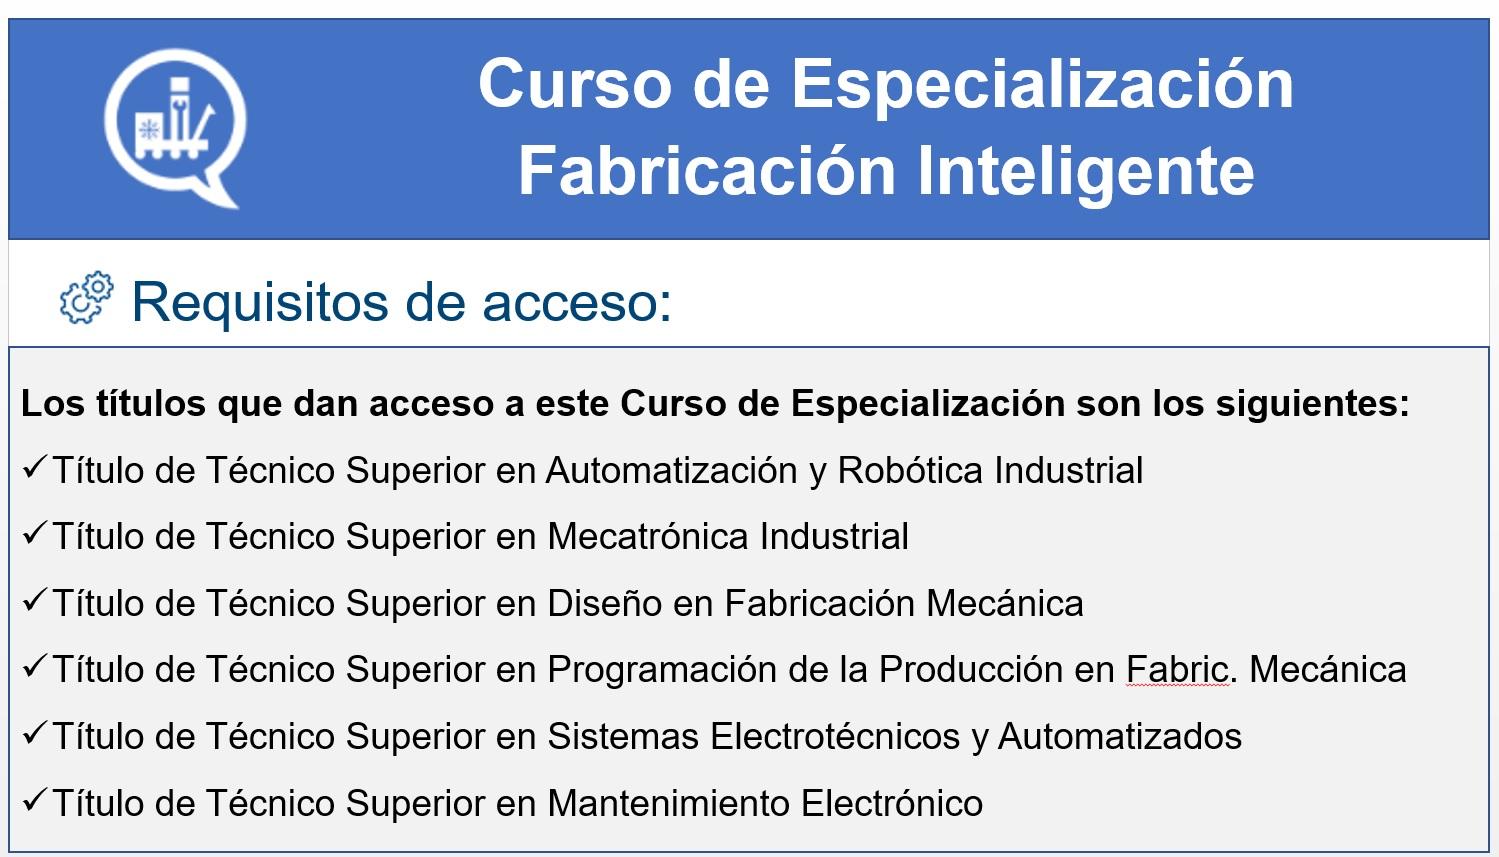 Curso de Especialización  Fabricación Inteligente.